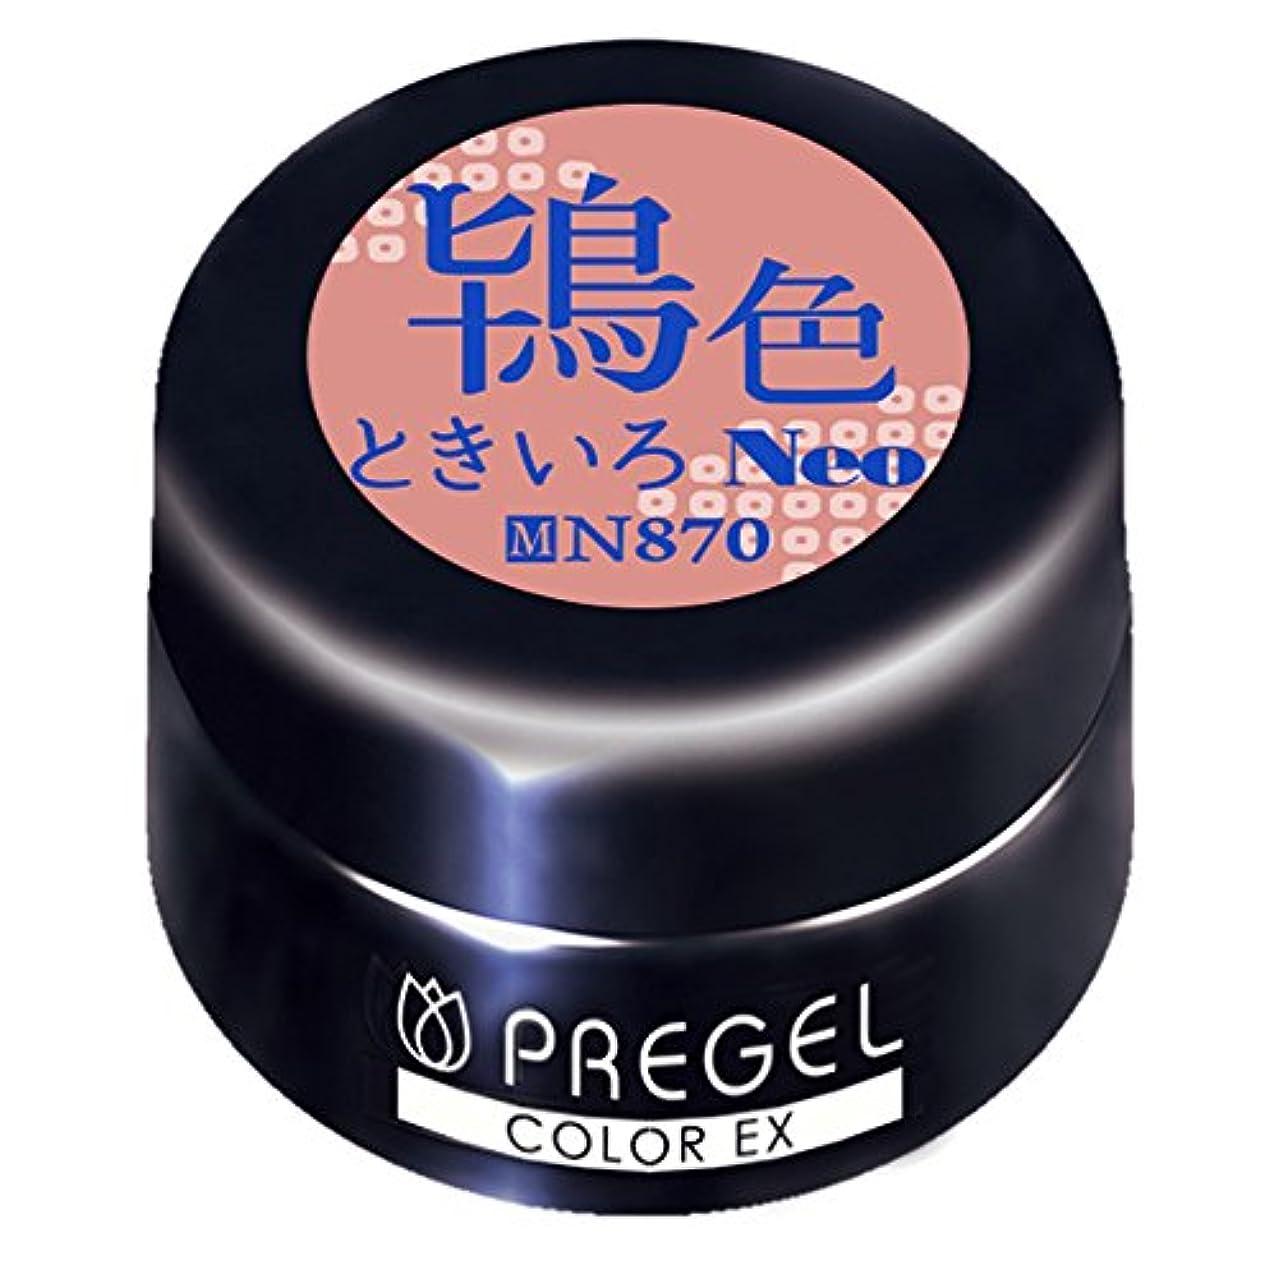 同様に印象記念品PRE GELカラーEX 鴇色(ときいろ)neo 3g PG-CEN870